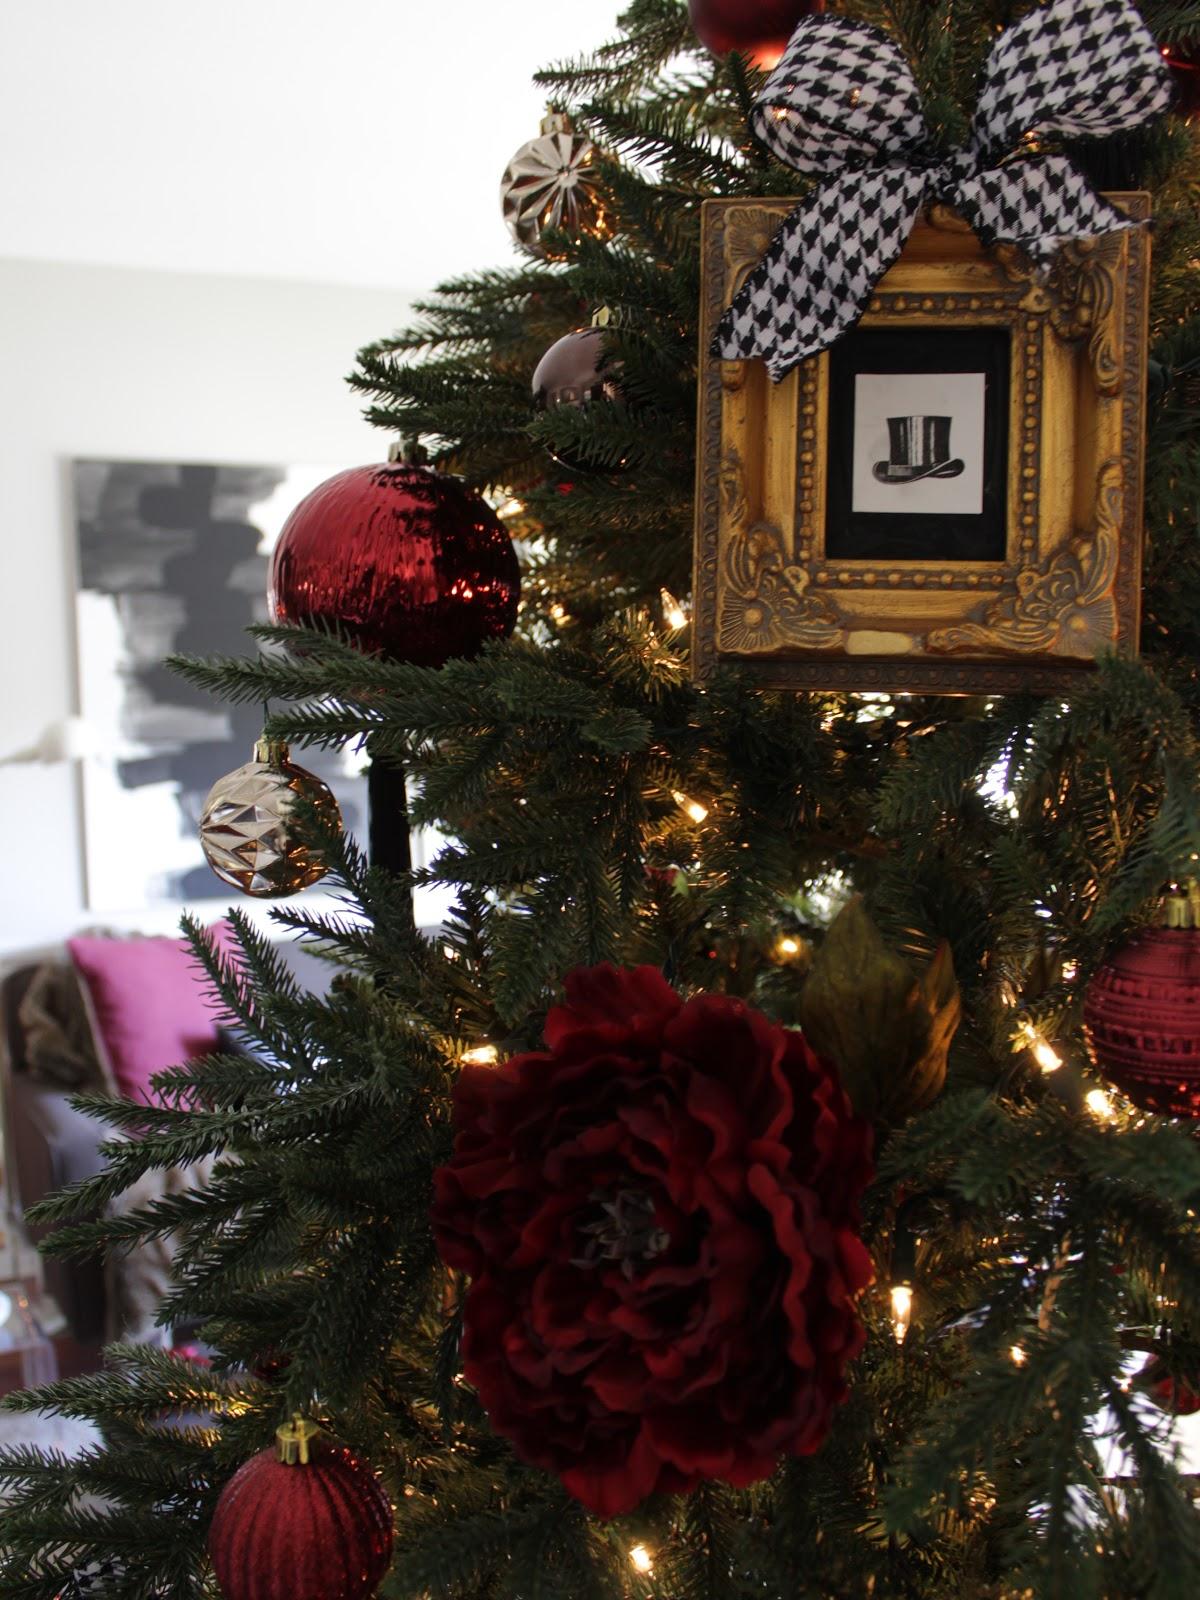 Oscar Bravo Home: Home for the Holidays Blog Tour